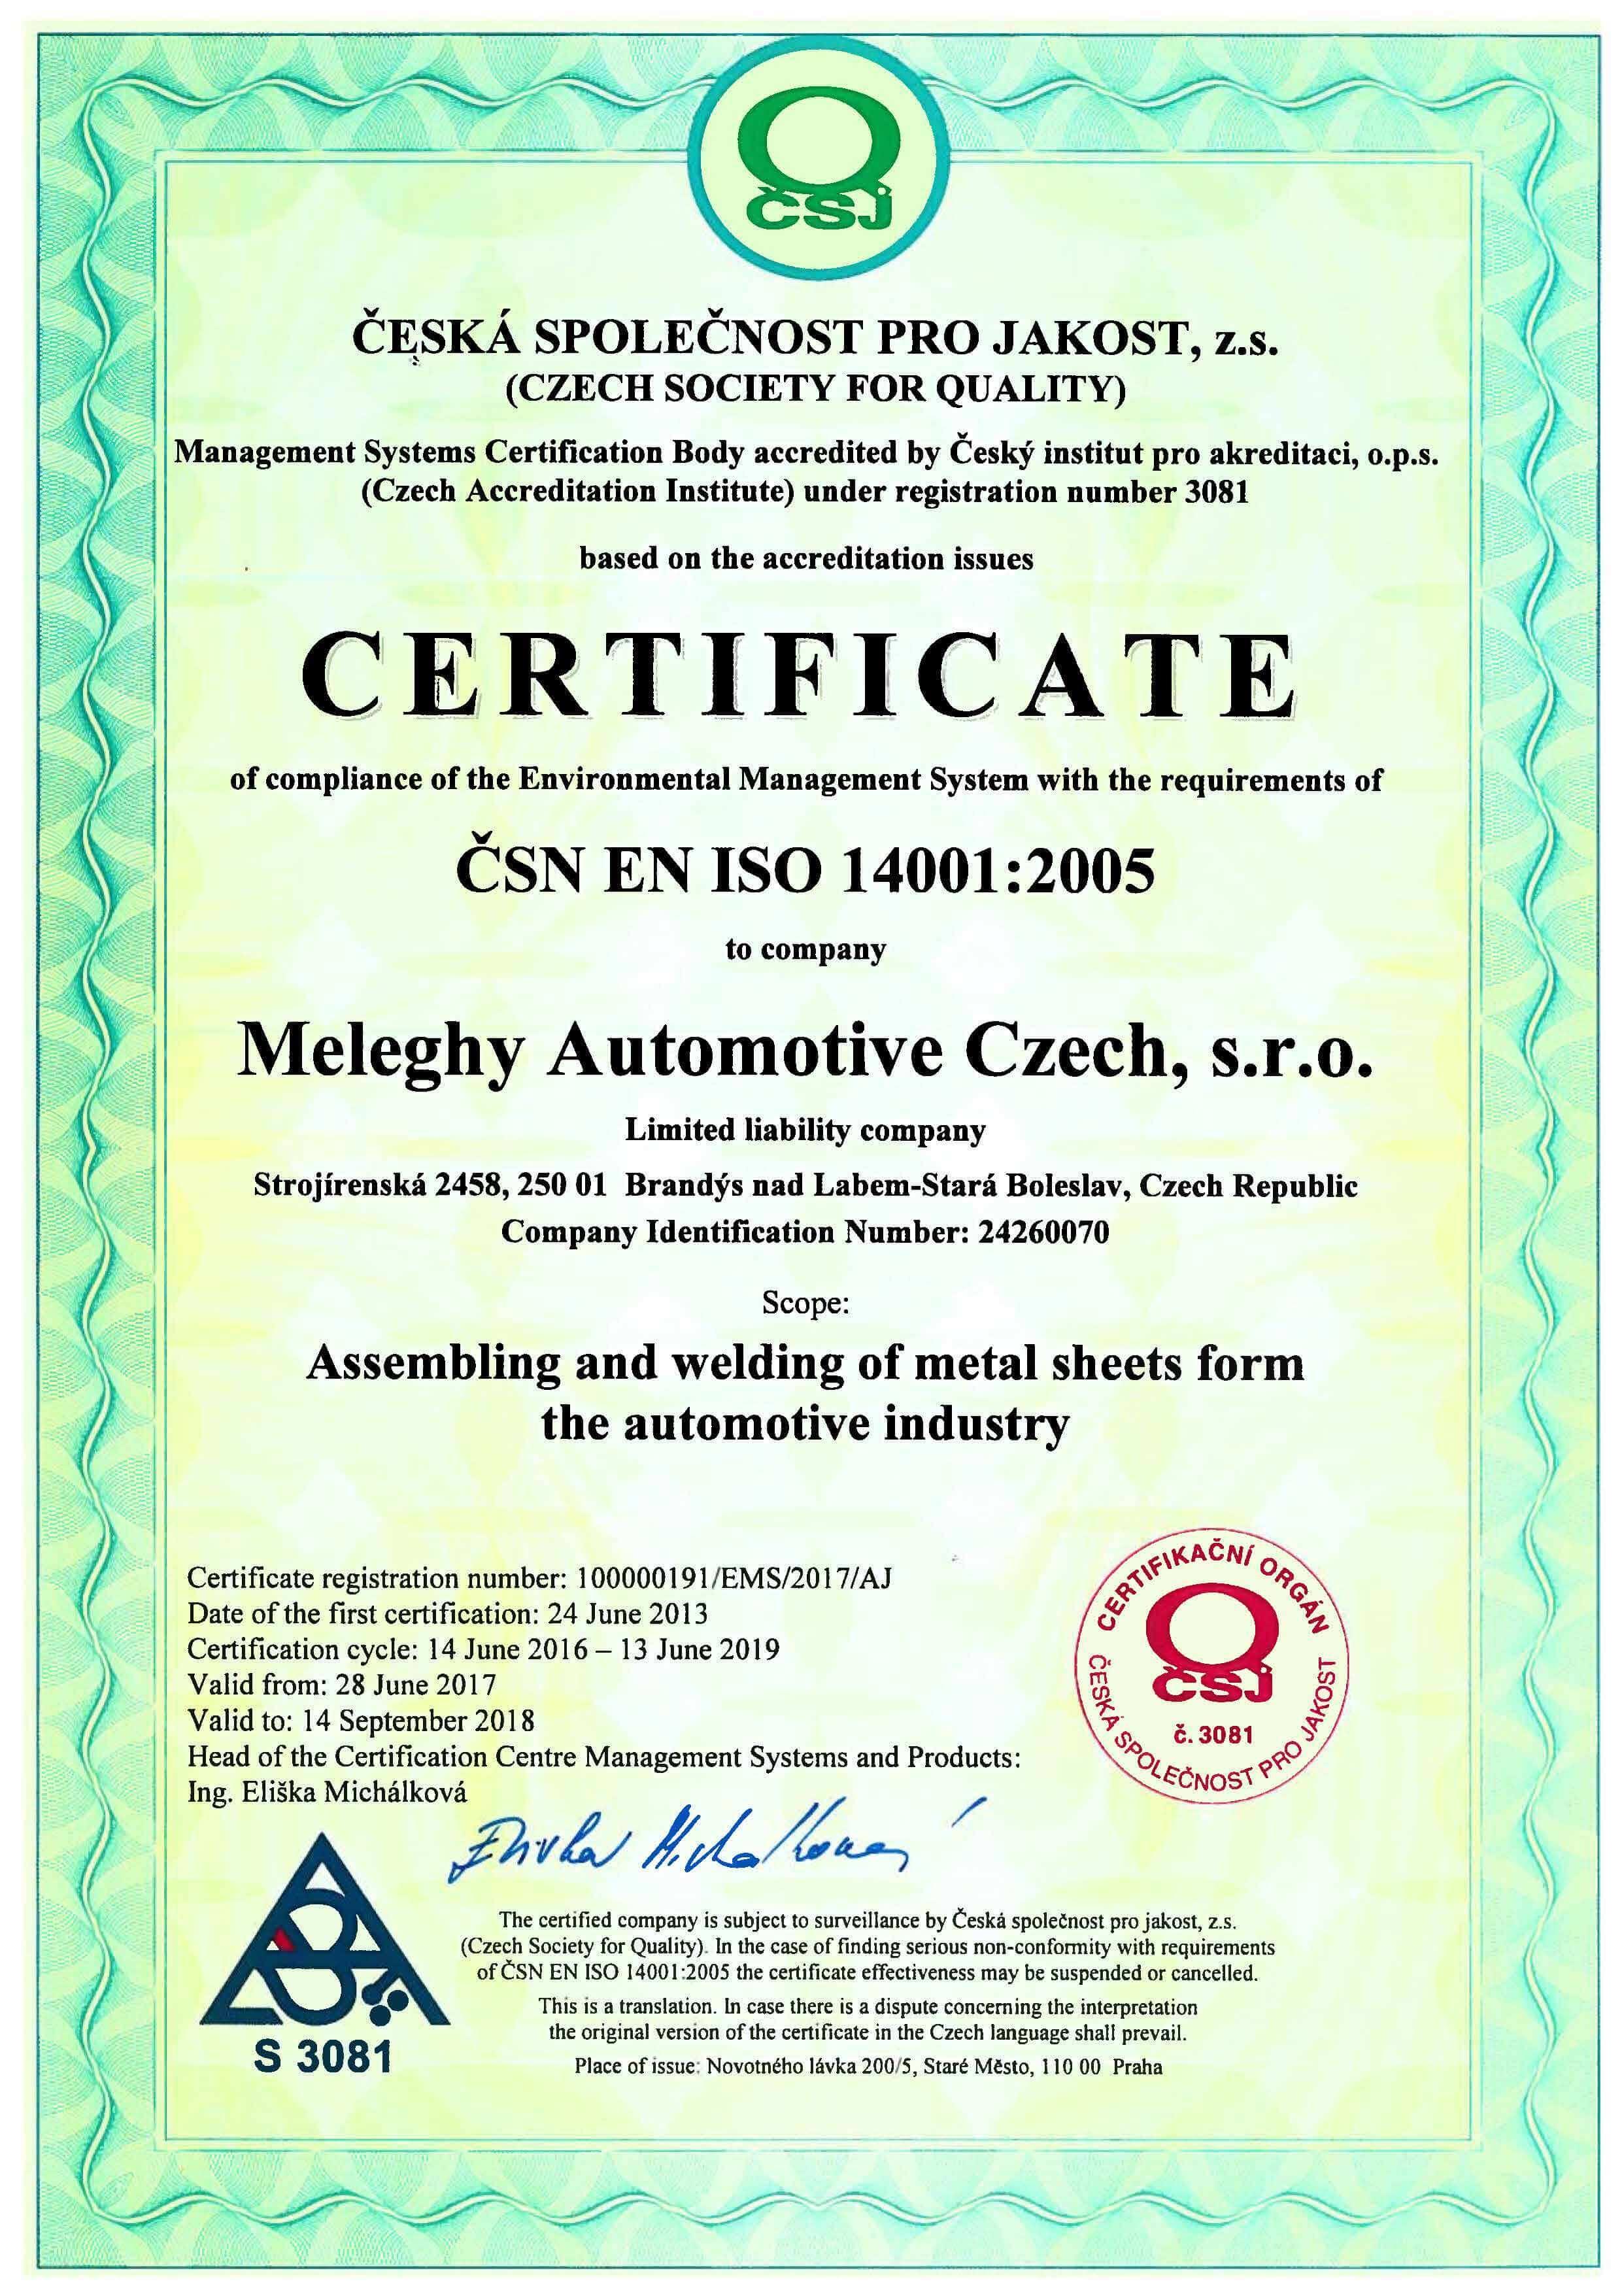 Meleghy Automotive Brandys Certificat ISO 14001_en